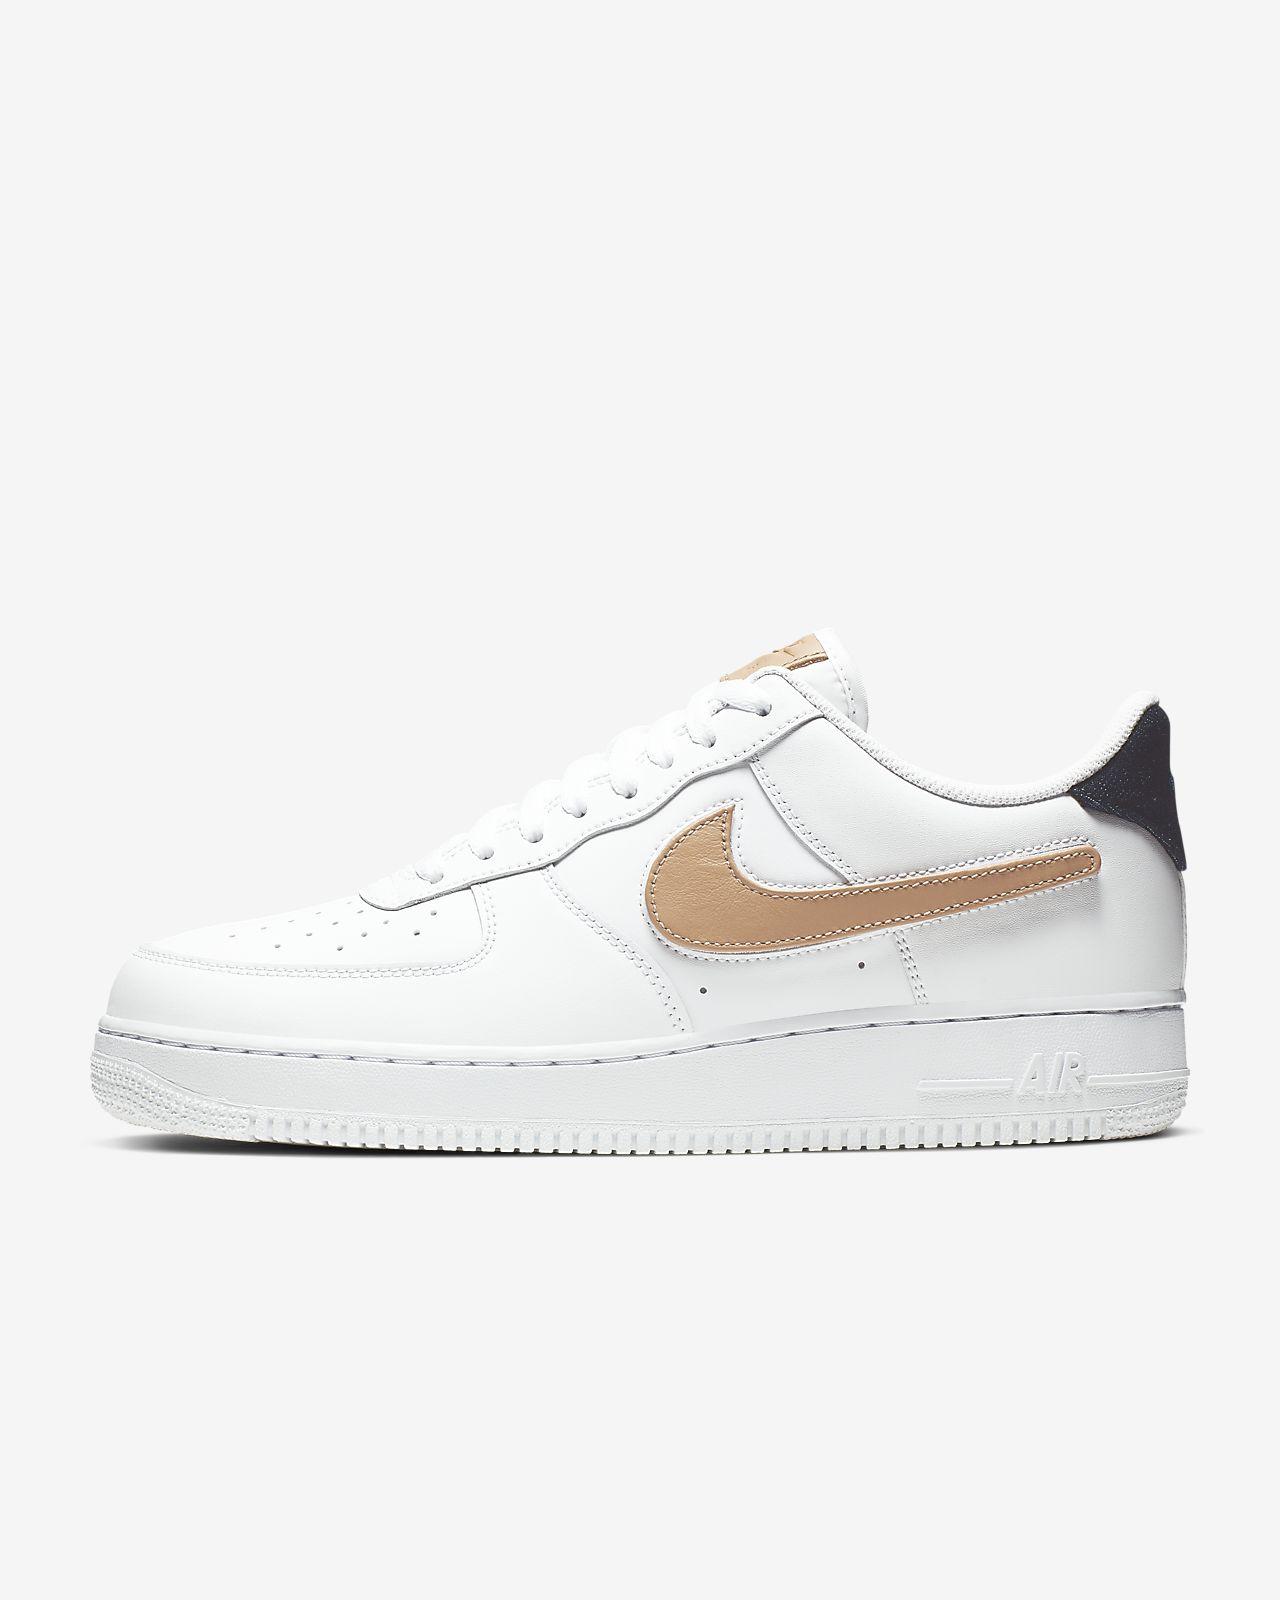 Nike Air Force 1 '07 LV8 3 男鞋